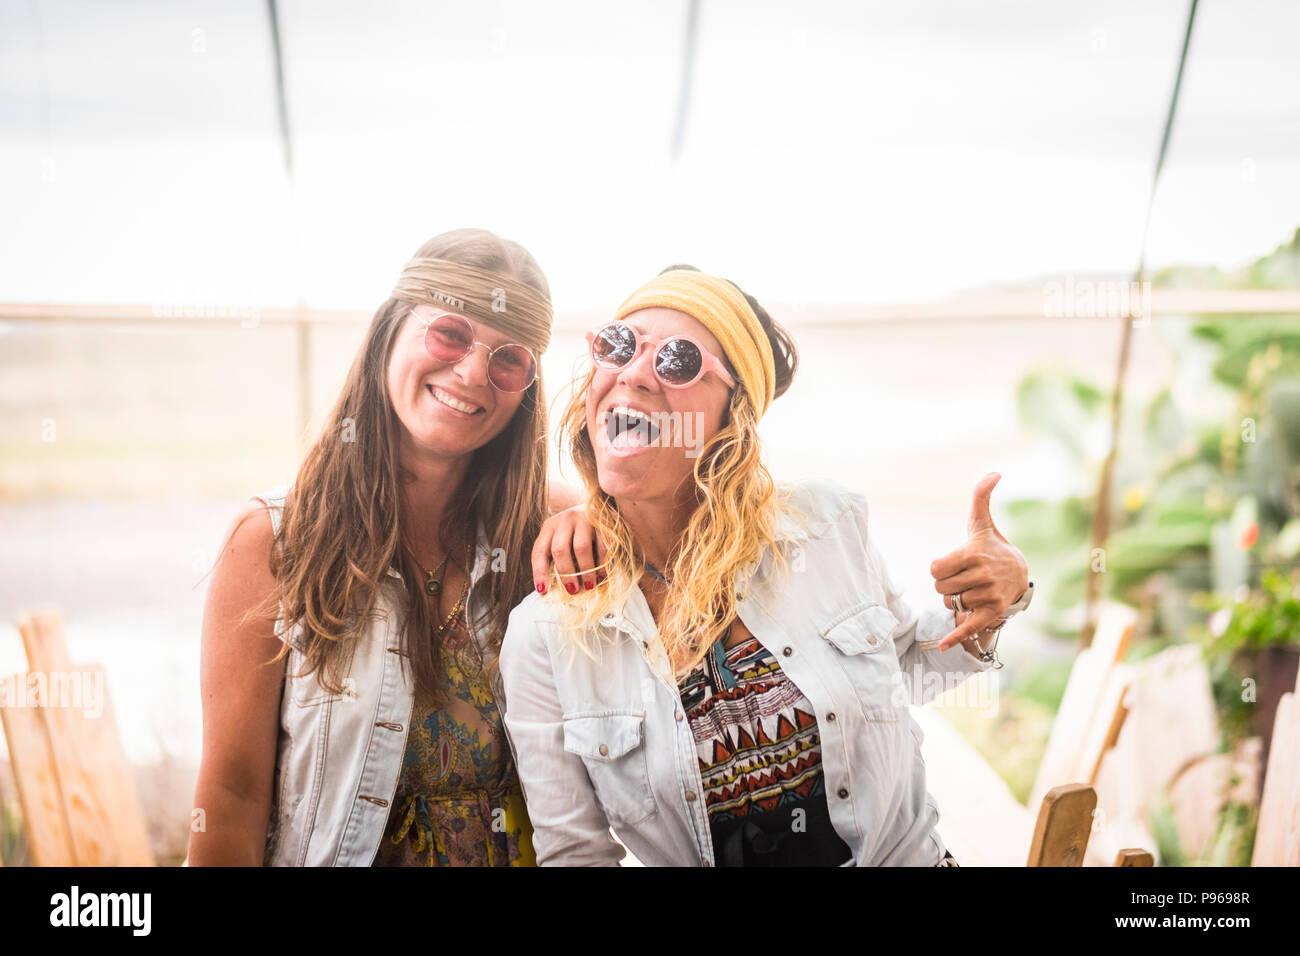 Paar verrückte Frauen Freunde Spaß haben und Lebensstil tragen hippy Alte retro style Kleidung und Zubehör genießen. Mode- und Freundschaft für junge c Stockbild